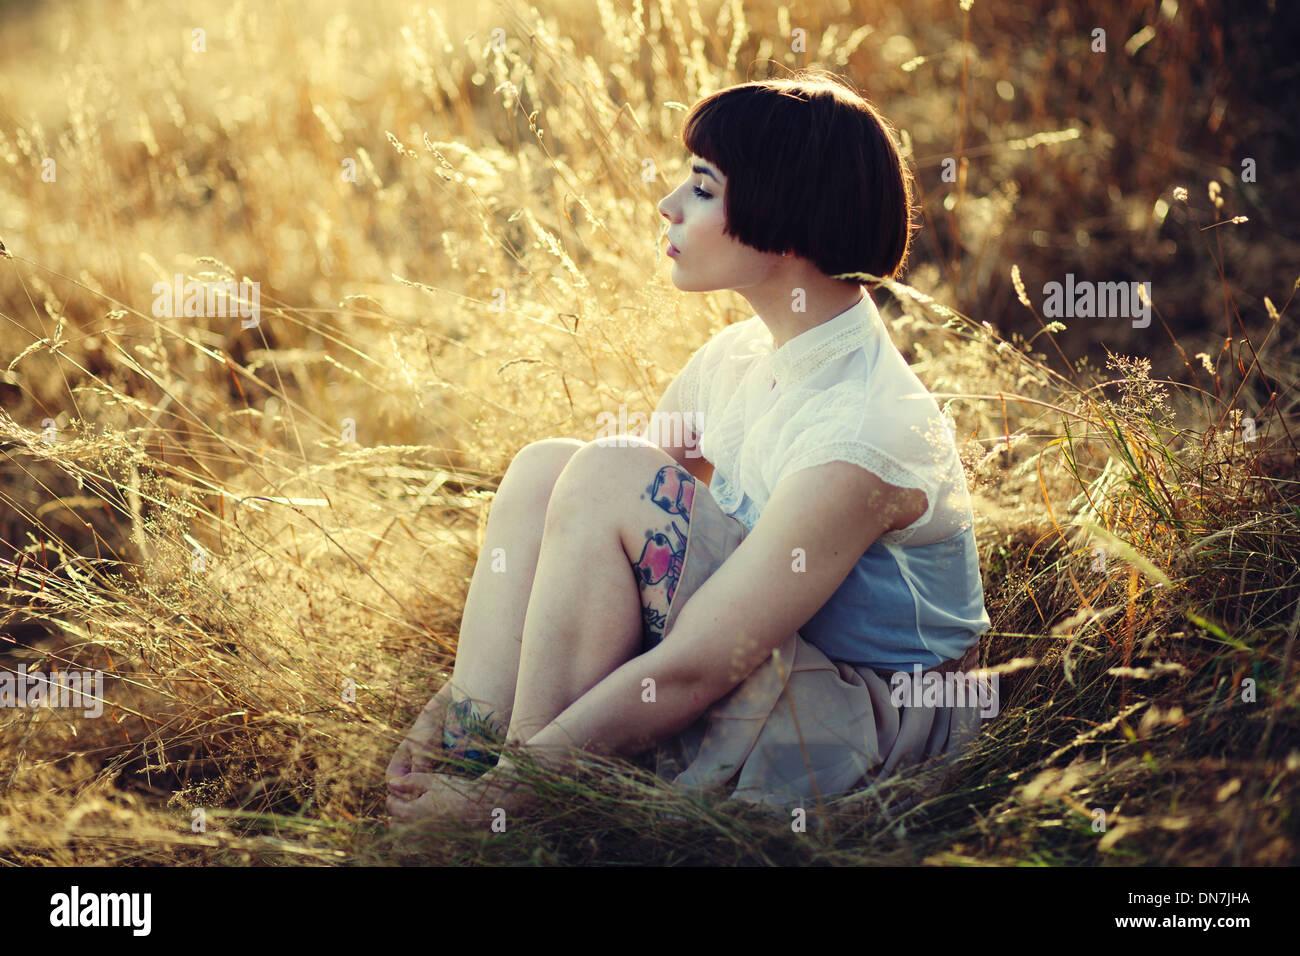 Mujer joven sentada sobre una pradera, Retrato Foto de stock